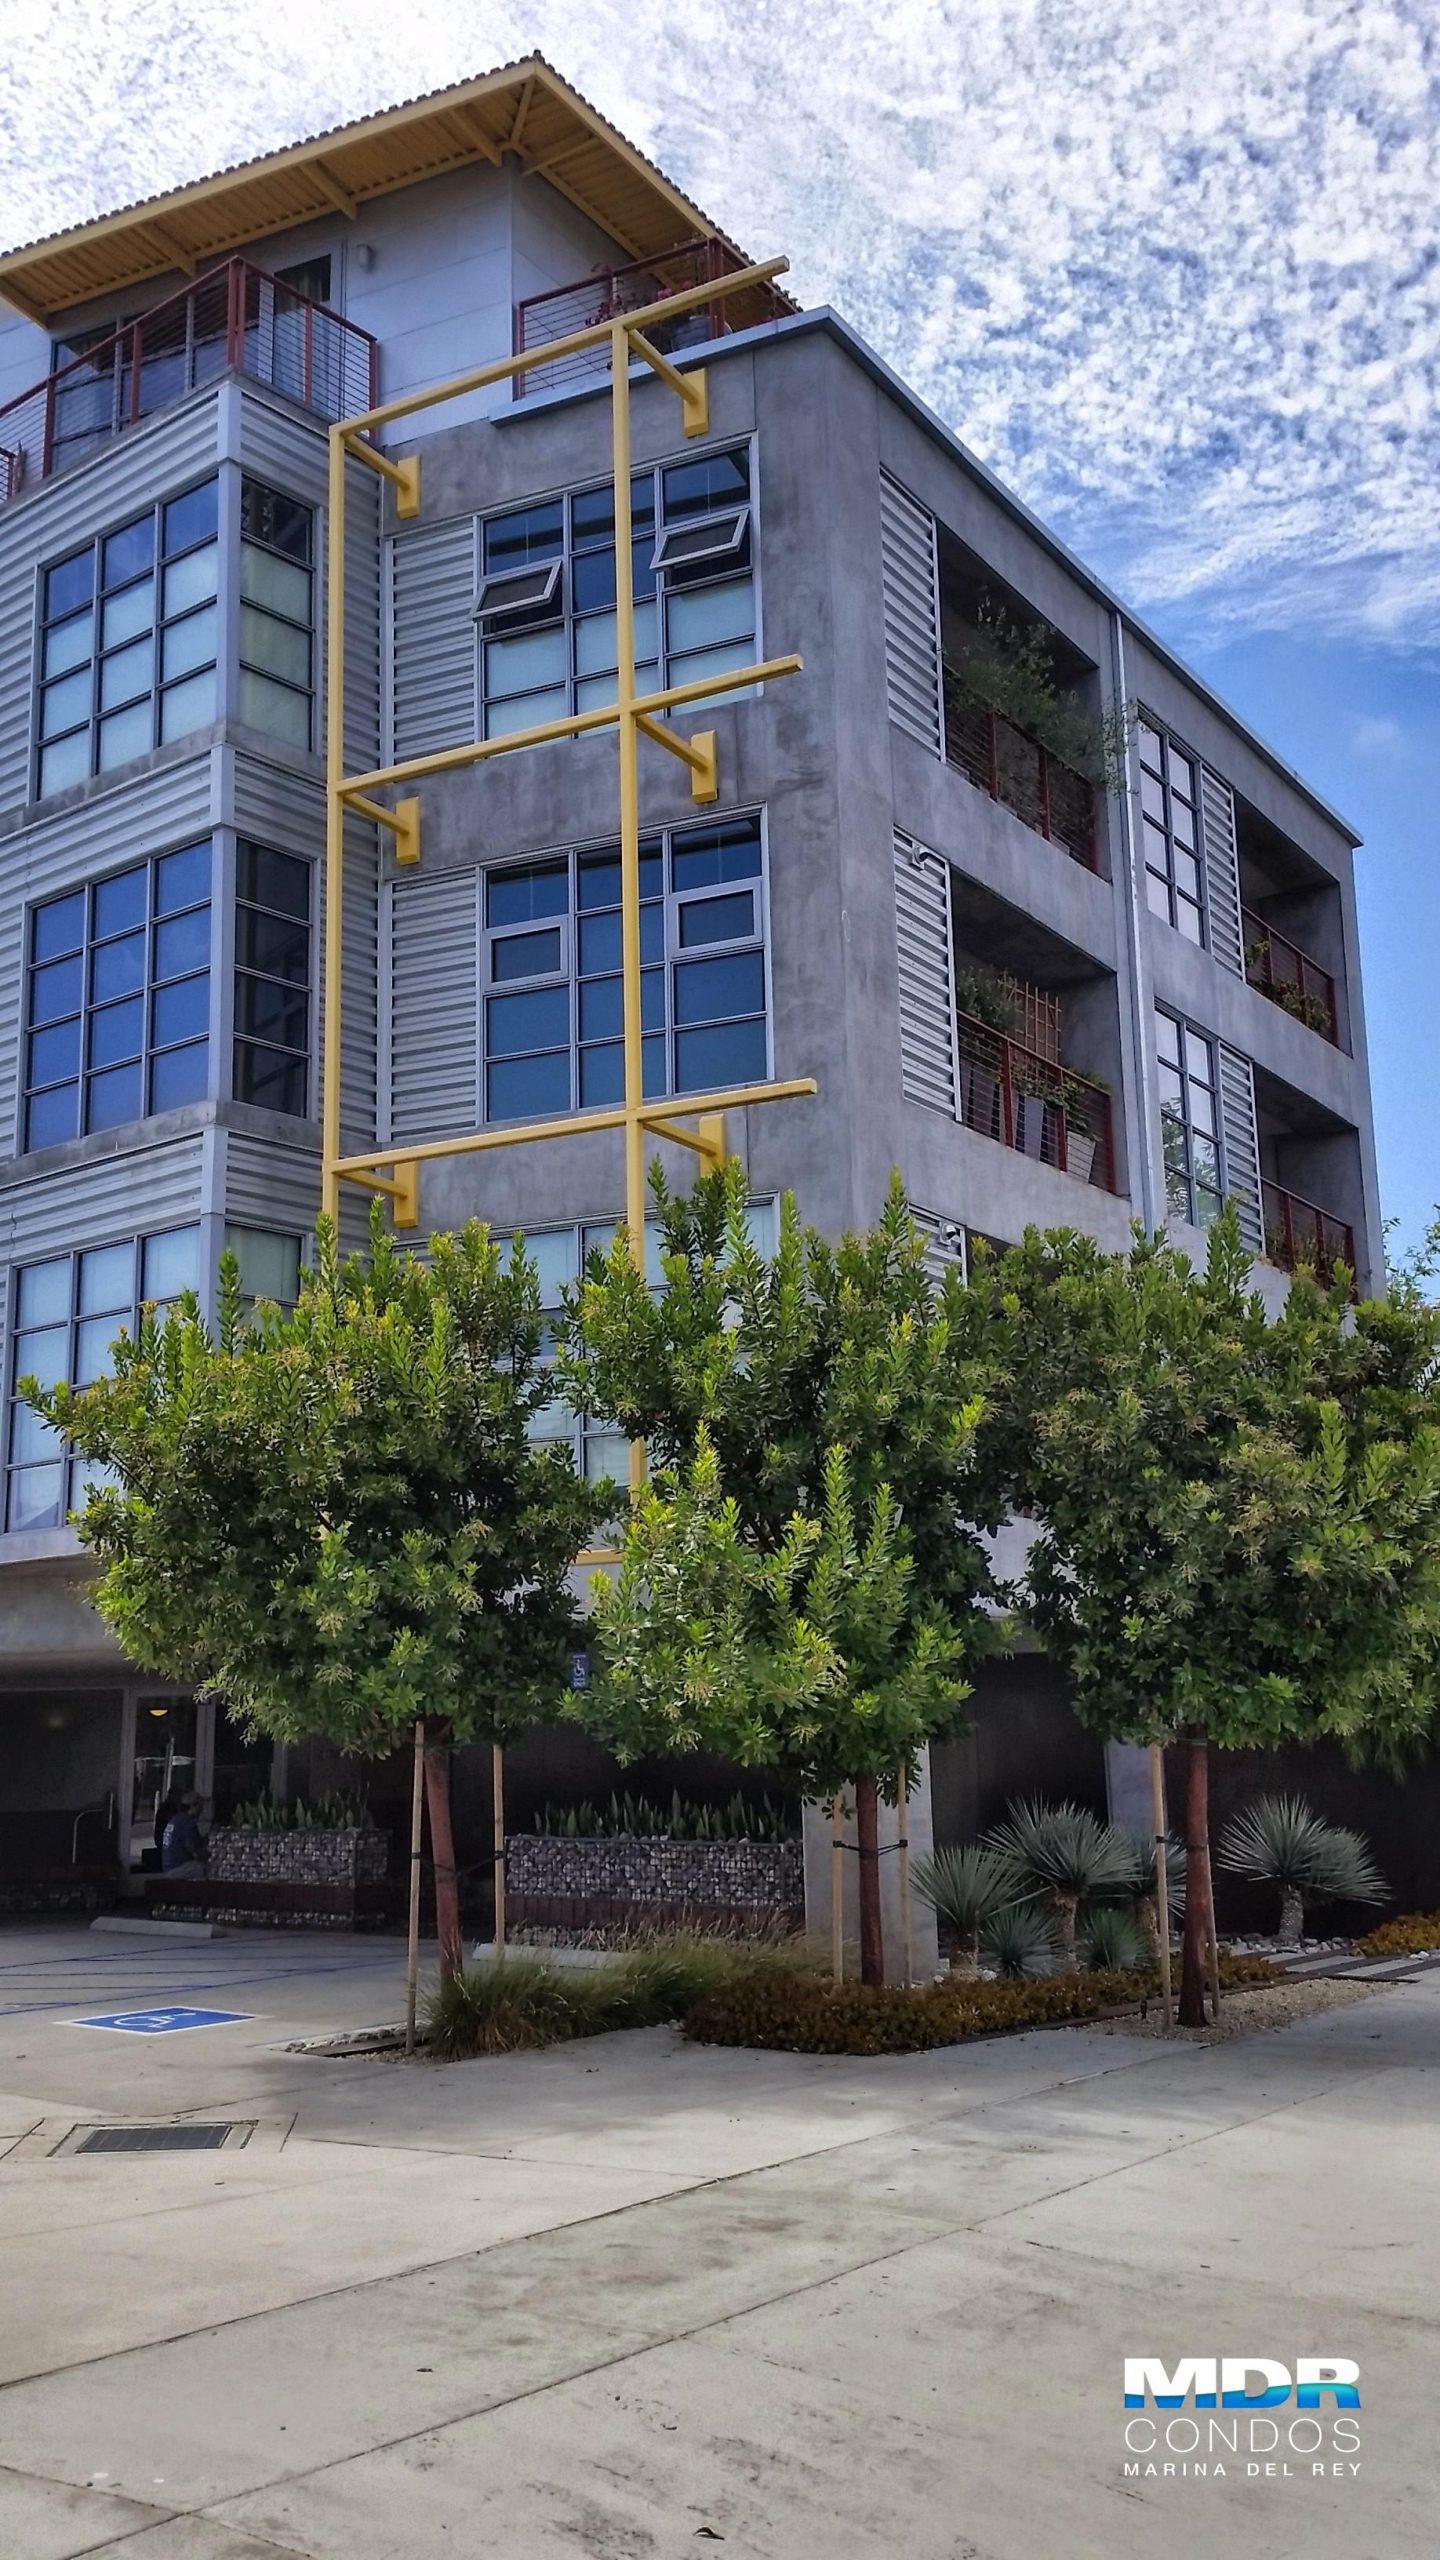 Element Lofts Complex 4141 Glencoe Ave Marina Del Rey